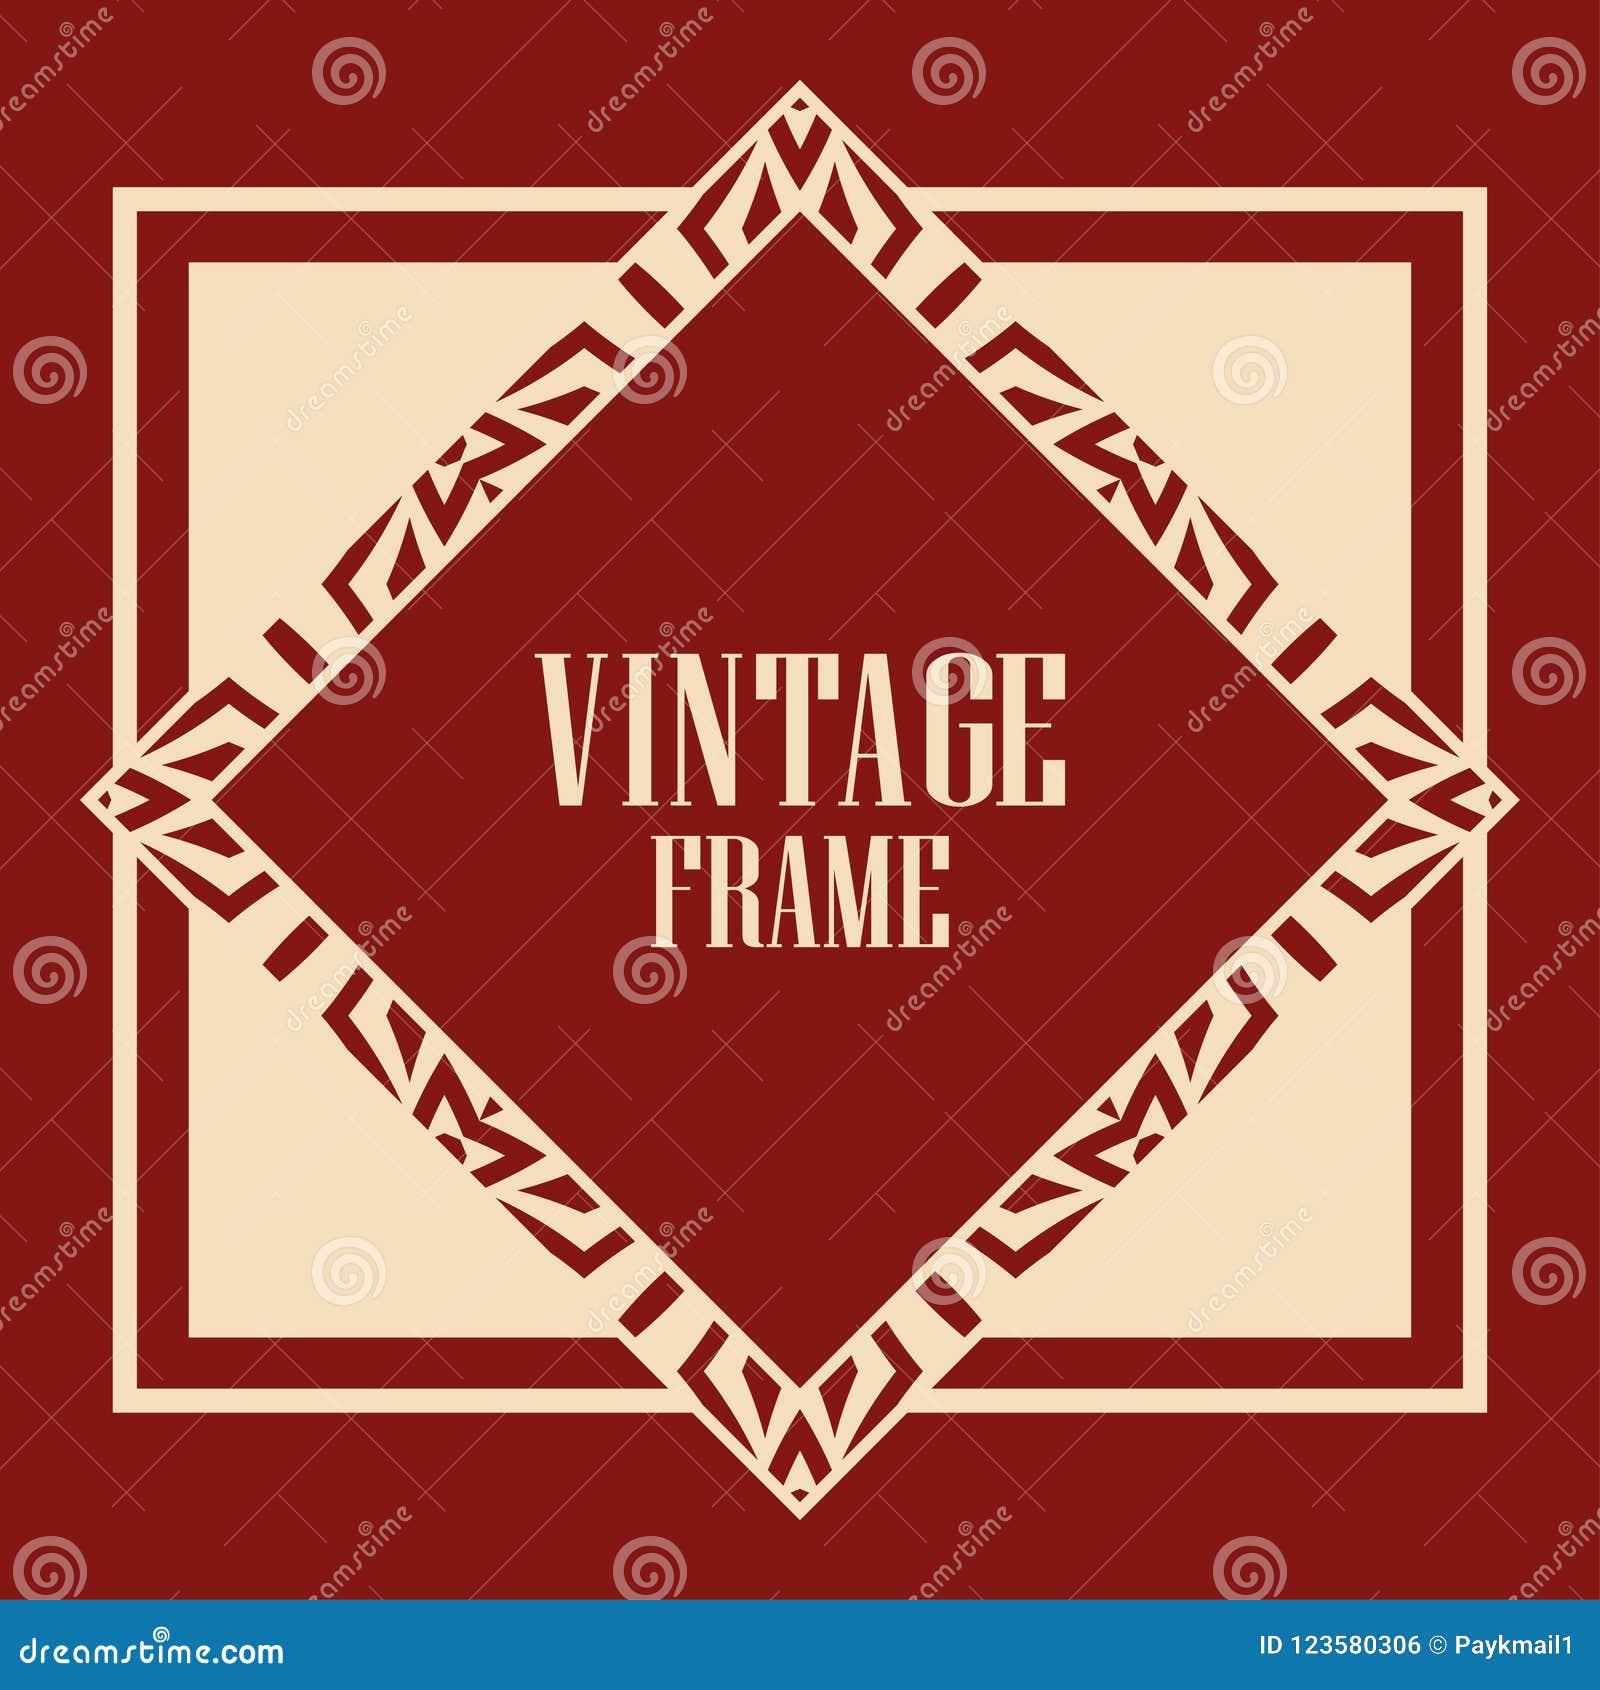 Art Deco Frame stock vector. Illustration of gatsby - 123580306